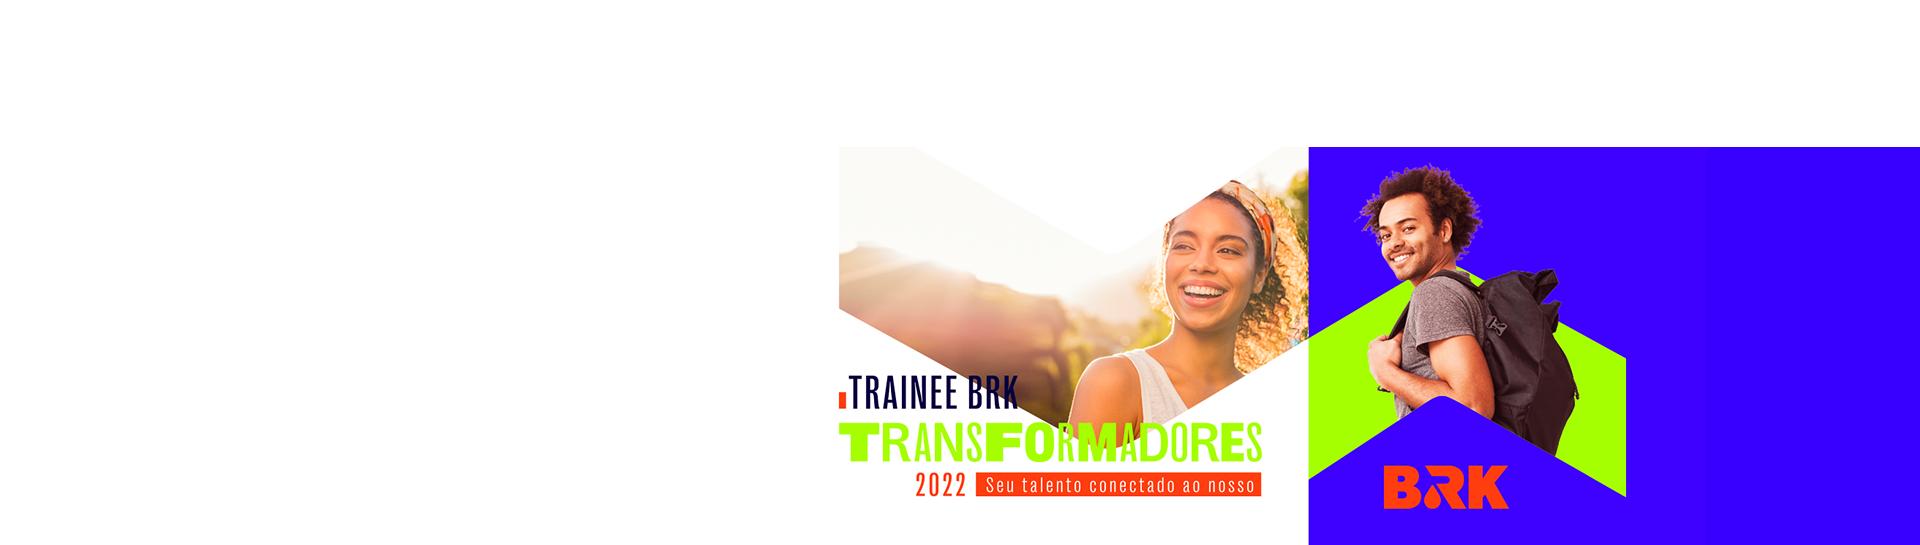 TRAINEE 2022